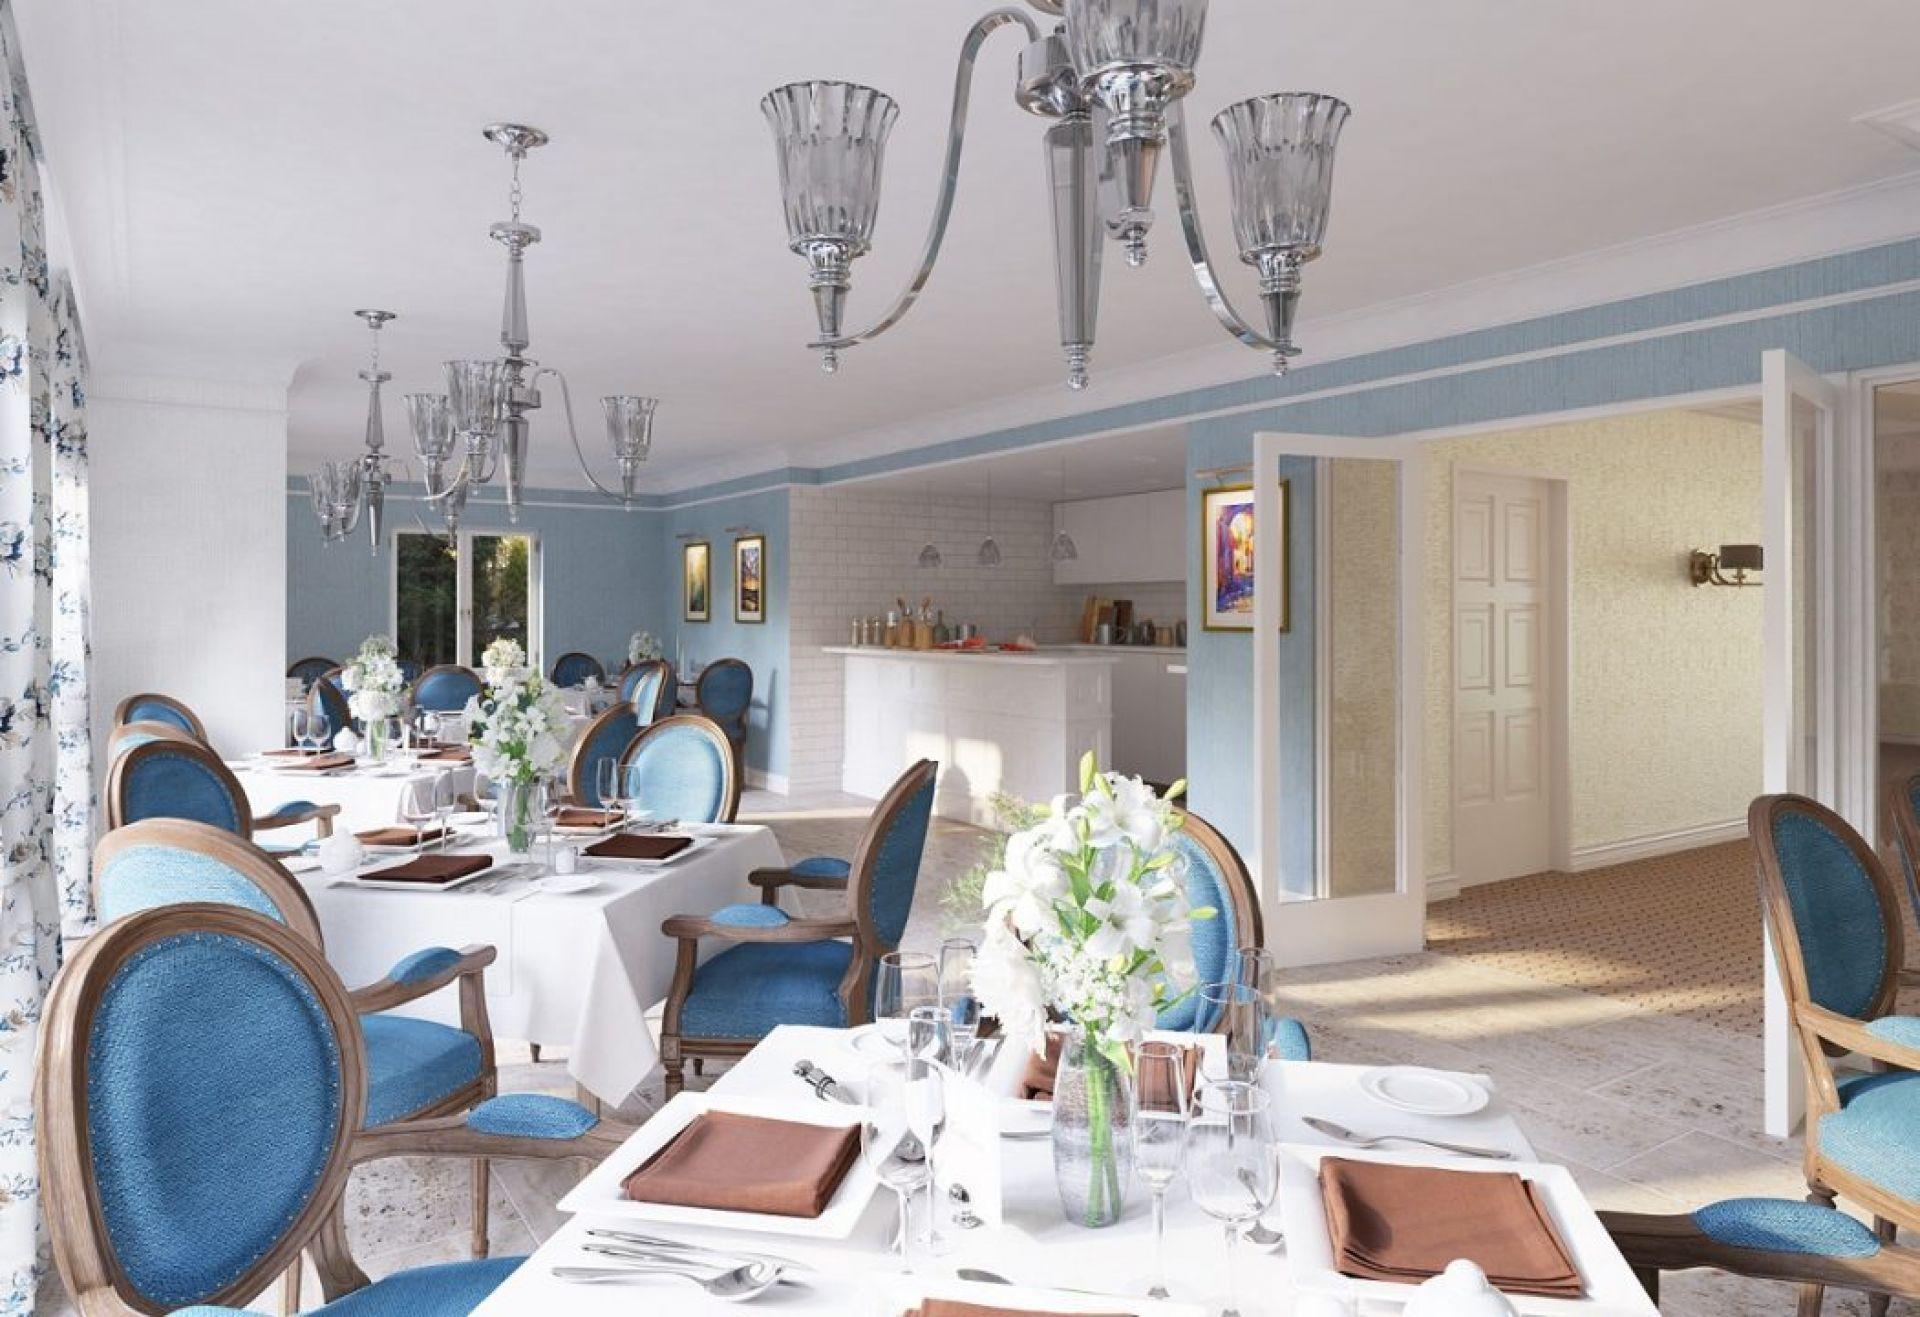 Chelmsford-Restaurant_resized-1050x720.jpg